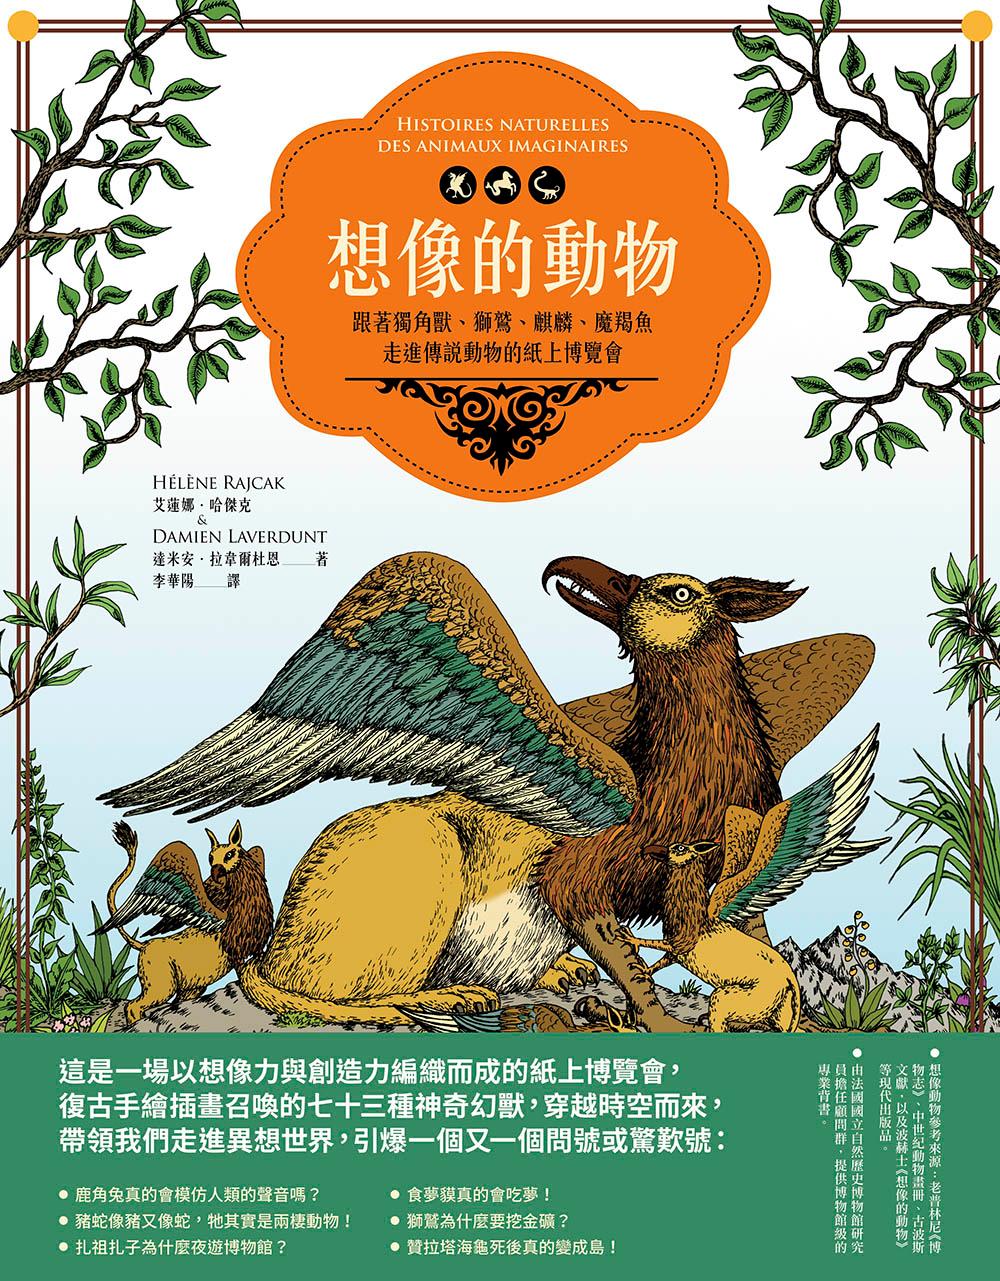 想像的動物:跟著獨角獸、獅鷲、麒麟、魔羯魚,走進傳說動物的紙上博覽會( Histoires naturelles des animaux imaginaires)